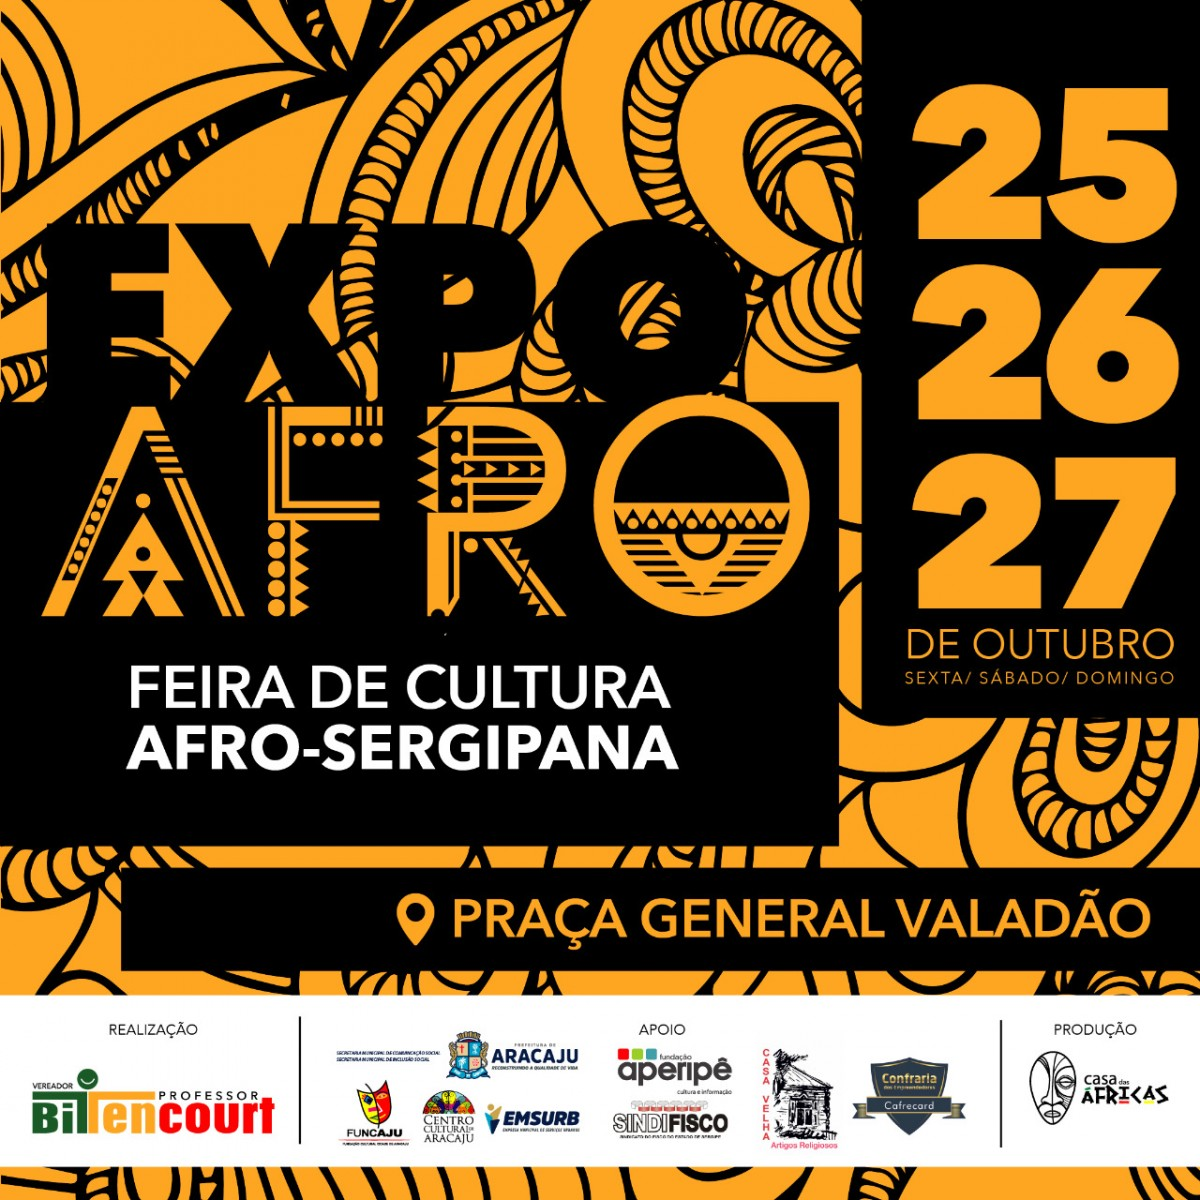 Feira de Cultura Afro Sergipana acontece de 25 a 27 deste mês em Aracaju (Imagem: Divulgação)